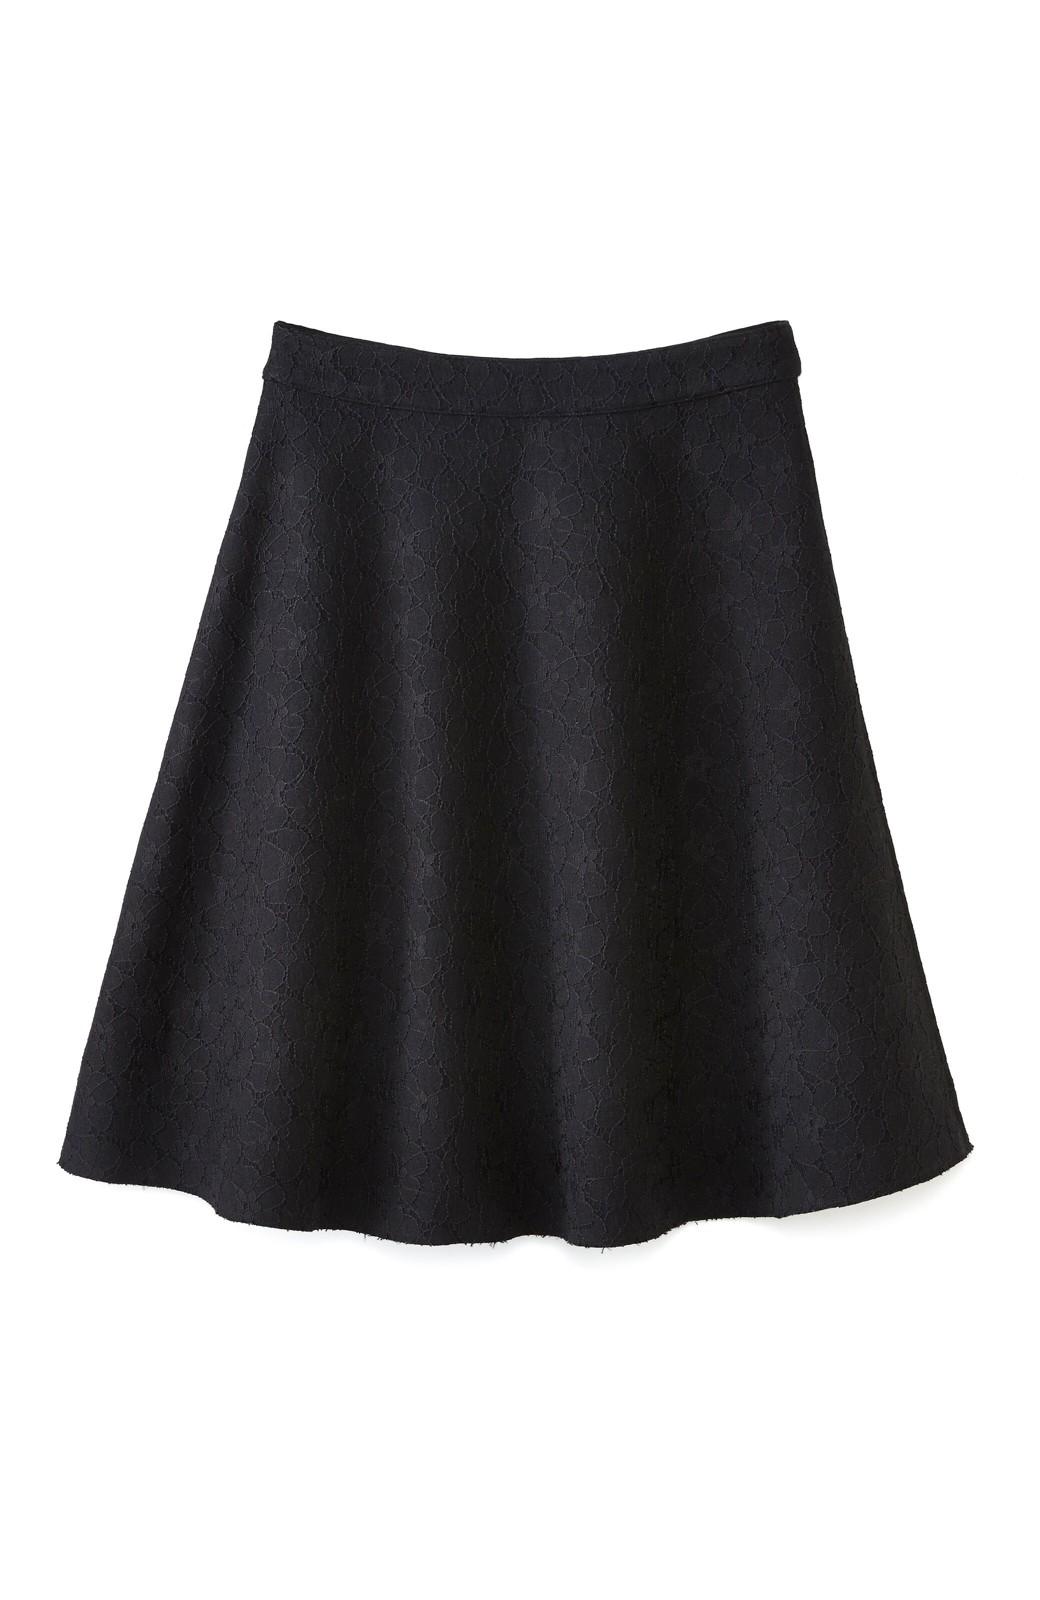 エムトロワ 定番ブラックと華やかレースのリバーシブルフレアースカート <ブラック>の商品写真1